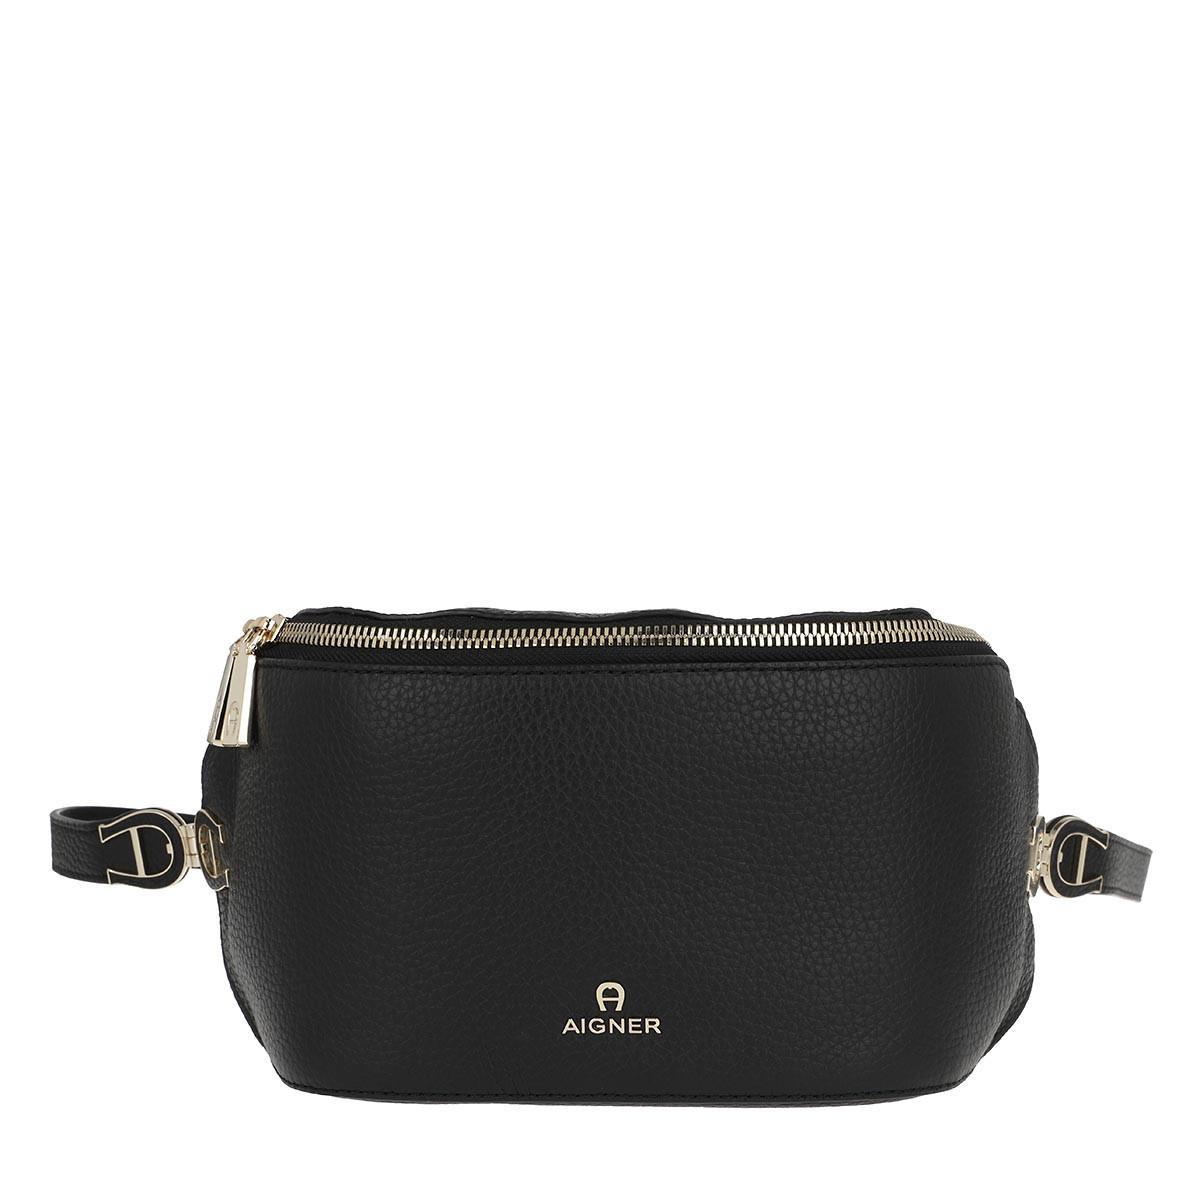 Aigner Gürteltasche - Milano Belt Bag Black - in schwarz - für Damen